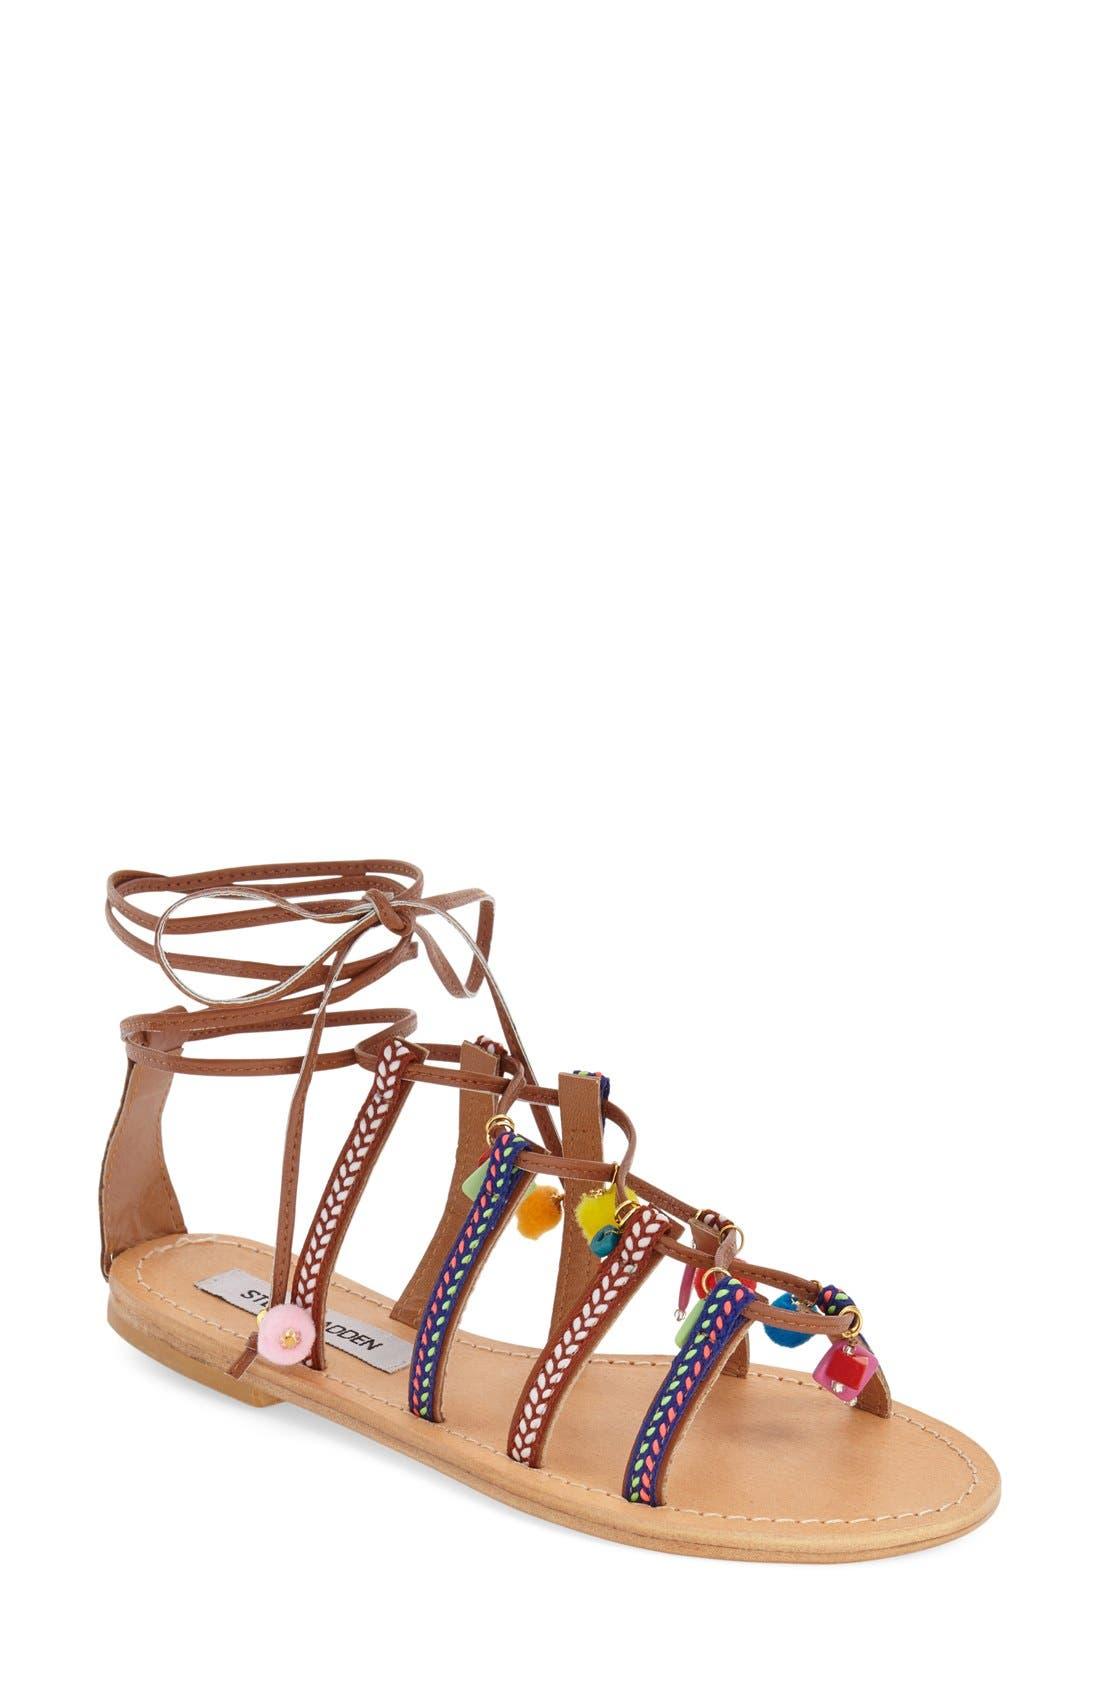 Alternate Image 1 Selected - Steve Madden 'Ommaha' Embellished Lace-up Sandal (Women)